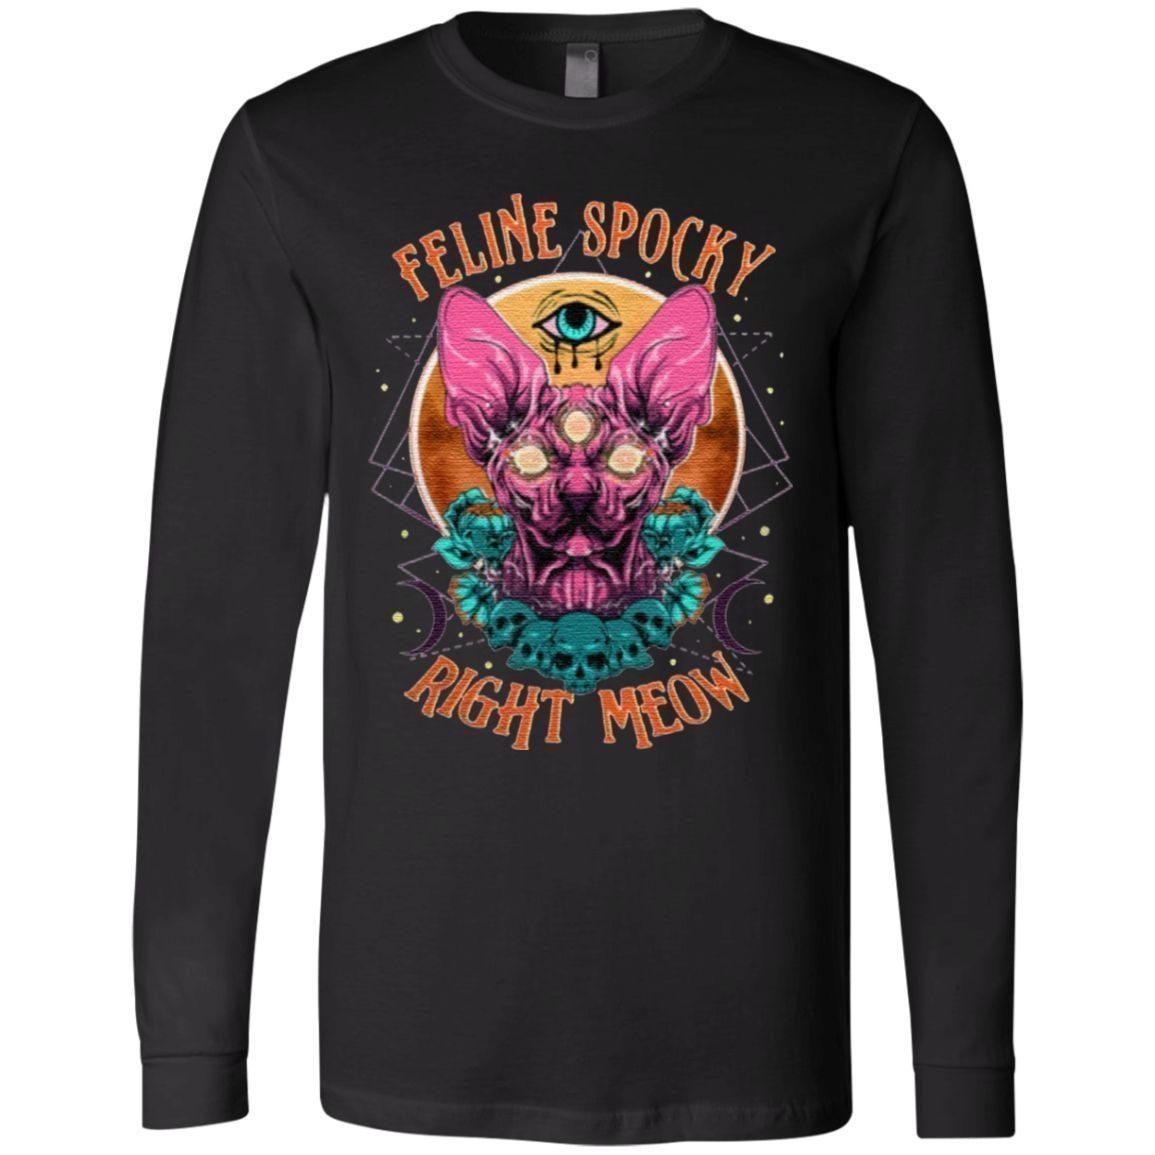 Feline Spooky Right Meow T Shirt